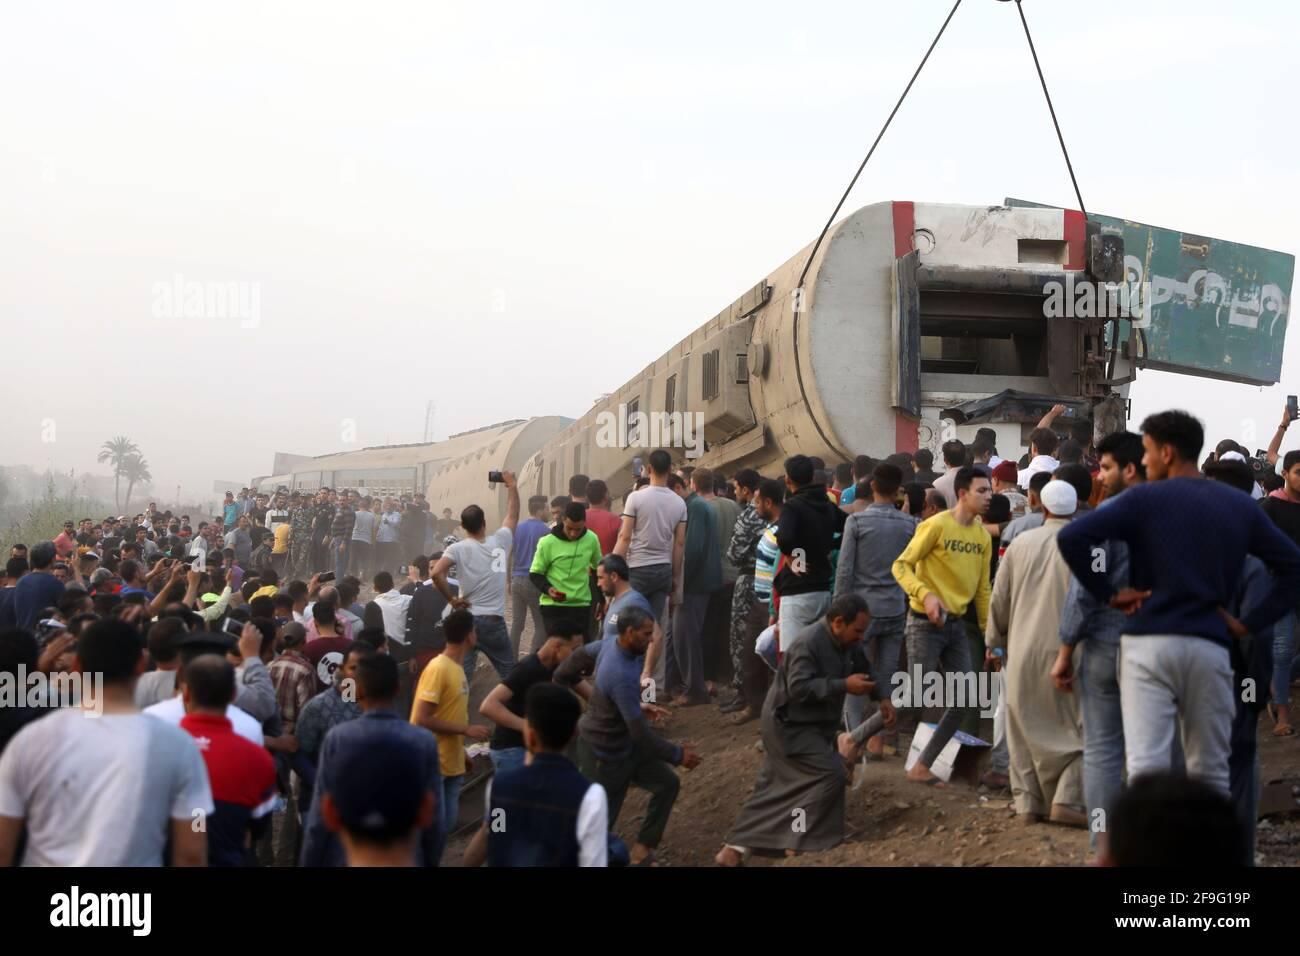 Toukh, Ägypten. April 2021. Rettungskräfte arbeiten am 18. April 2021 am Standort einer Eisenbahnentgleisung in der Delta-Stadt Toukh, Ägypten. Mindestens 97 Menschen wurden am Sonntag bei einer Eisenbahnentgleisung in der Deltastadt Toukh, nördlich der ägyptischen Hauptstadt Kairo, verletzt, teilte das ägyptische Gesundheitsministerium mit. Quelle: Ahmed Gomaa/Xinhua/Alamy Live News Stockfoto